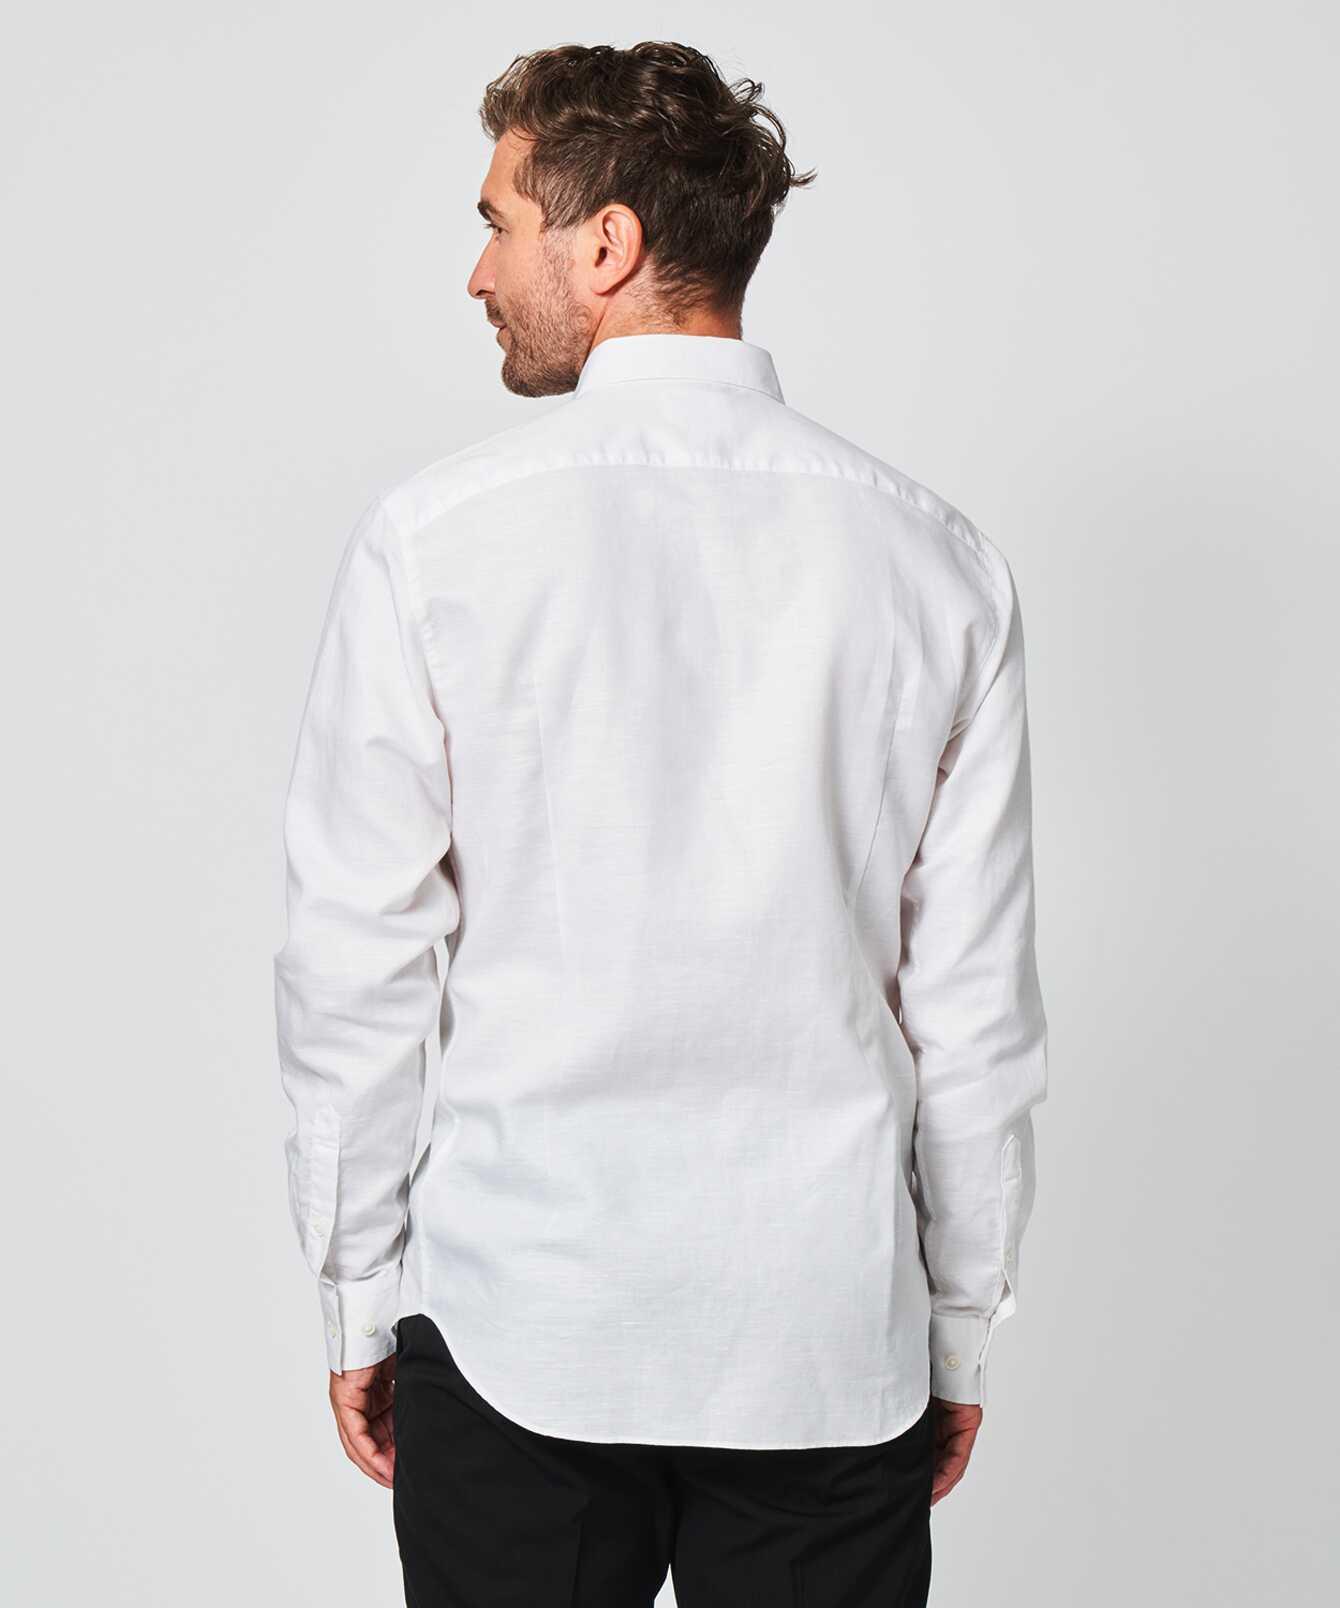 Skjorta Portofino Linne Vit  The Shirt Factory